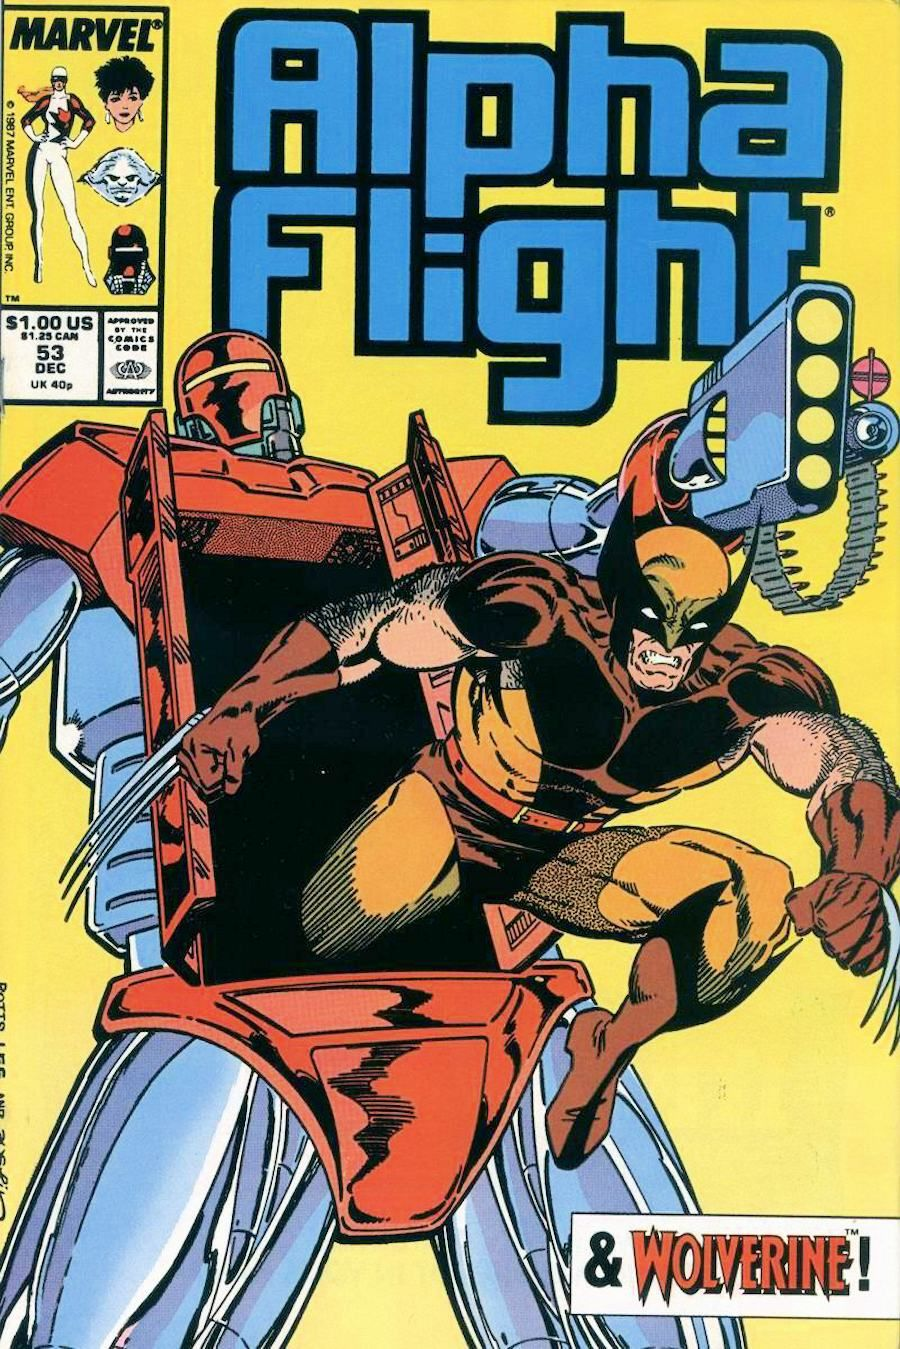 Alpha-Flight_053_Vol1983_Marvel__ComiClash.jpg (900×1349)